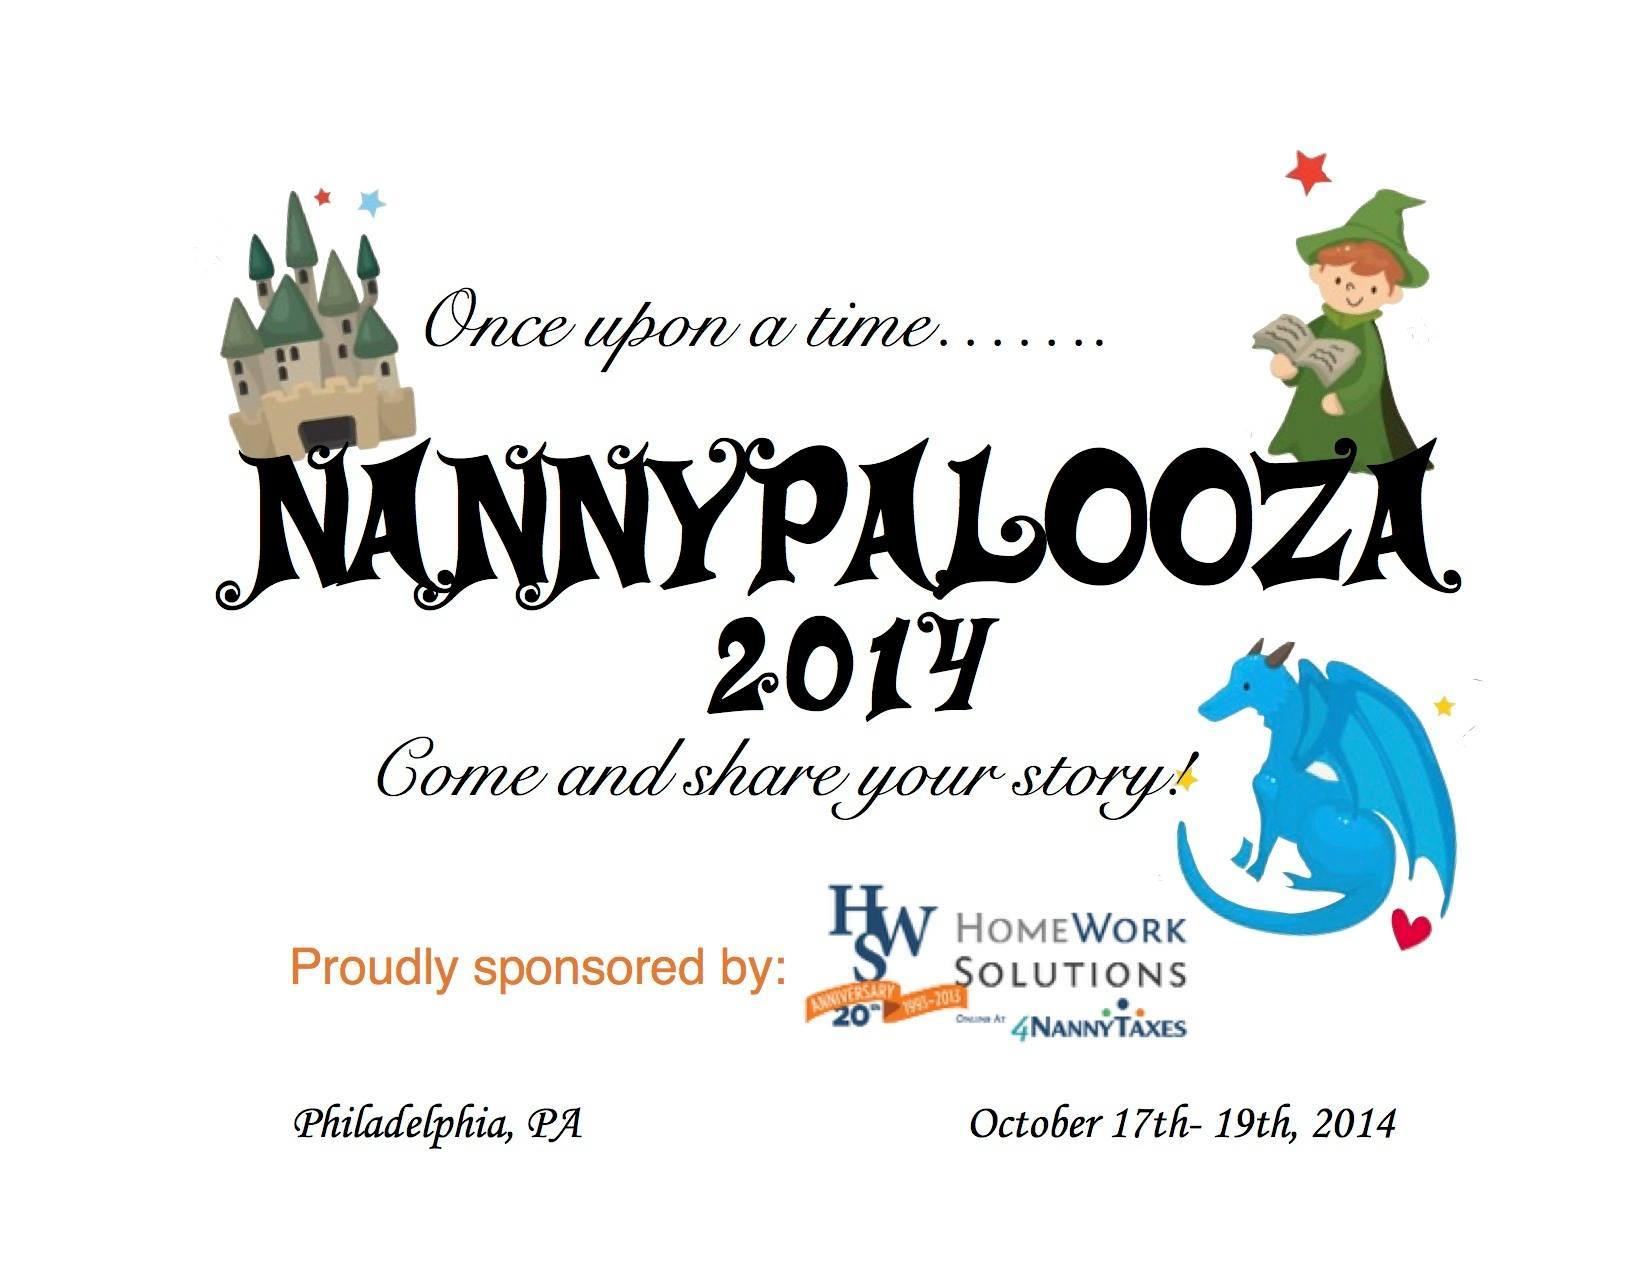 nannypalooza 2014